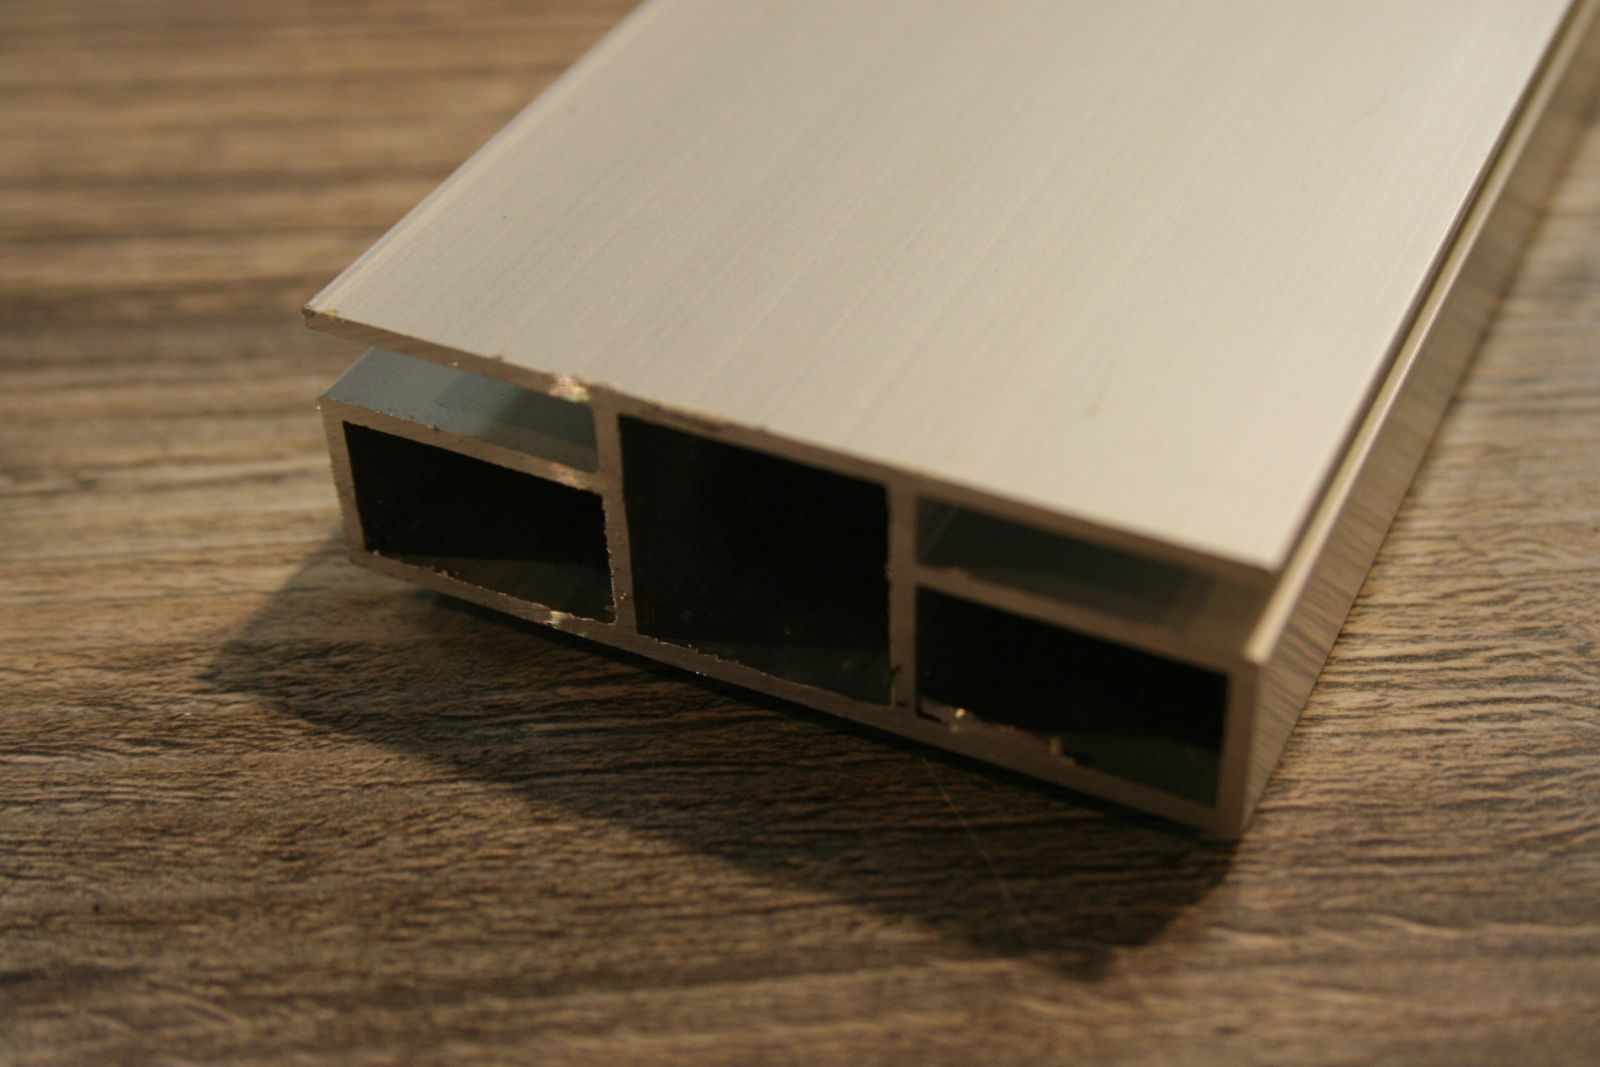 profiel 20x20mm met 2 flens profiel 5mm gaasmatten of platen tot 5mm in te plaatsen